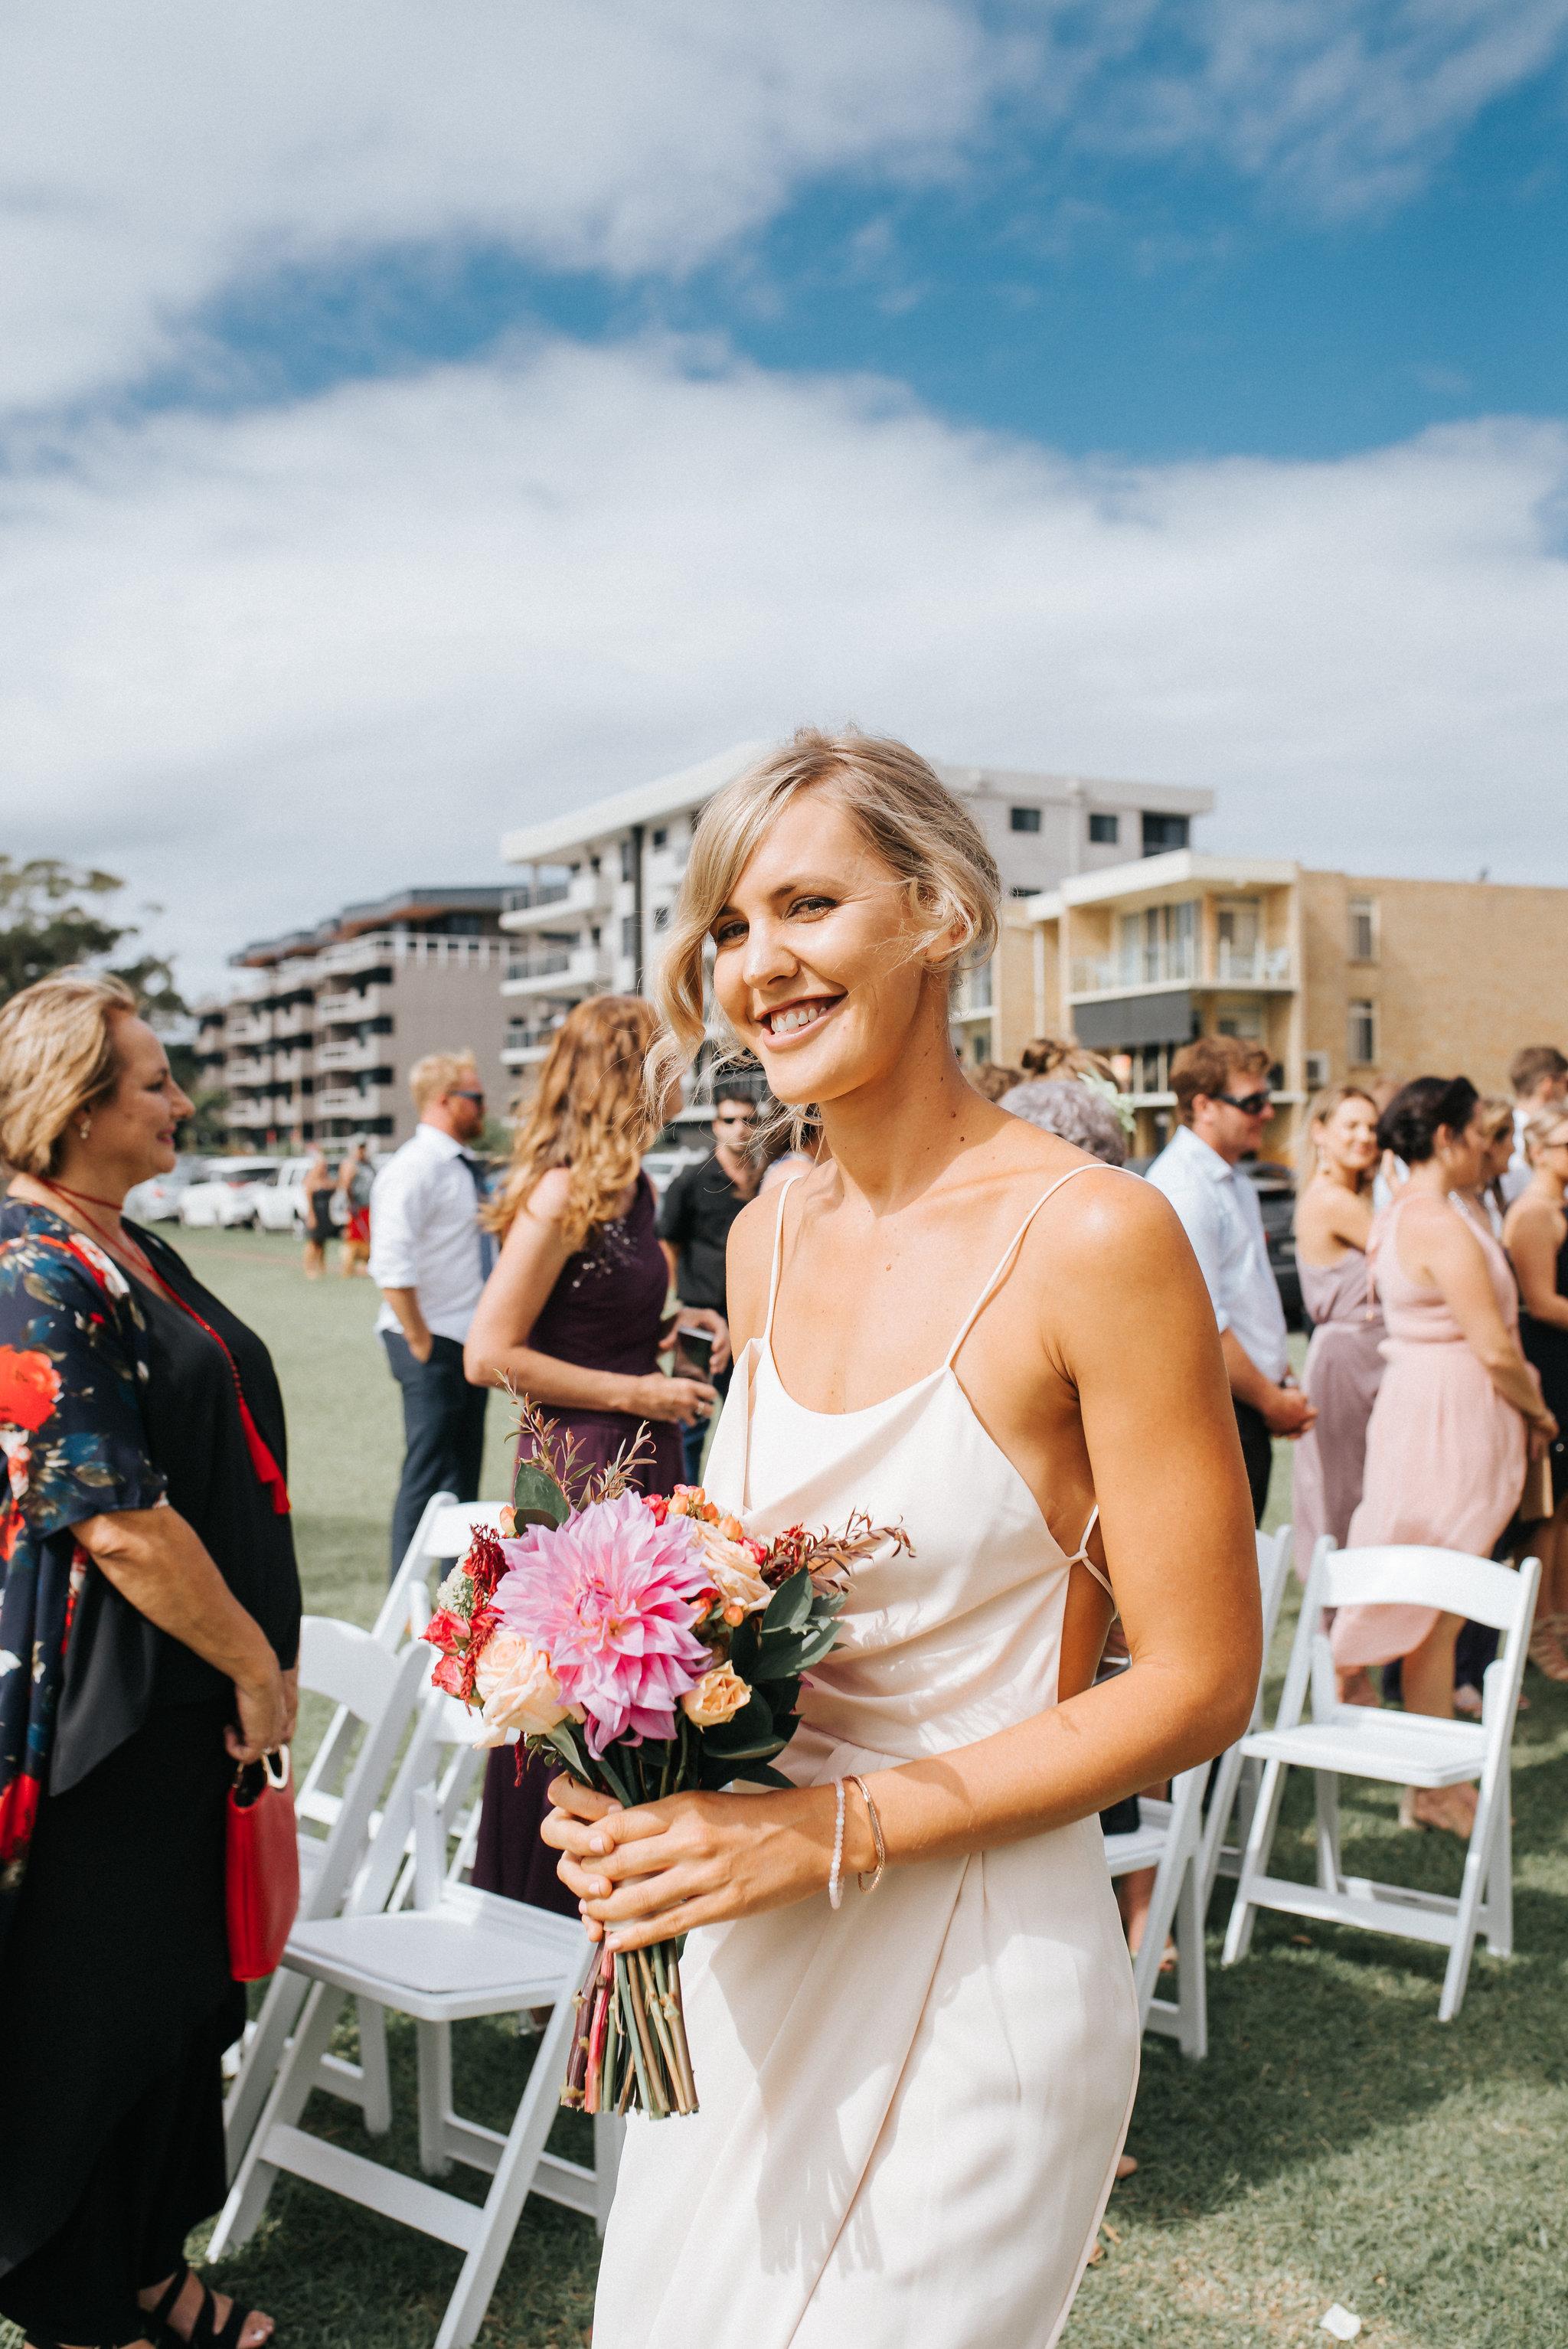 LITTLE-BEACH-WEDDING-MARCHANT-365.jpg